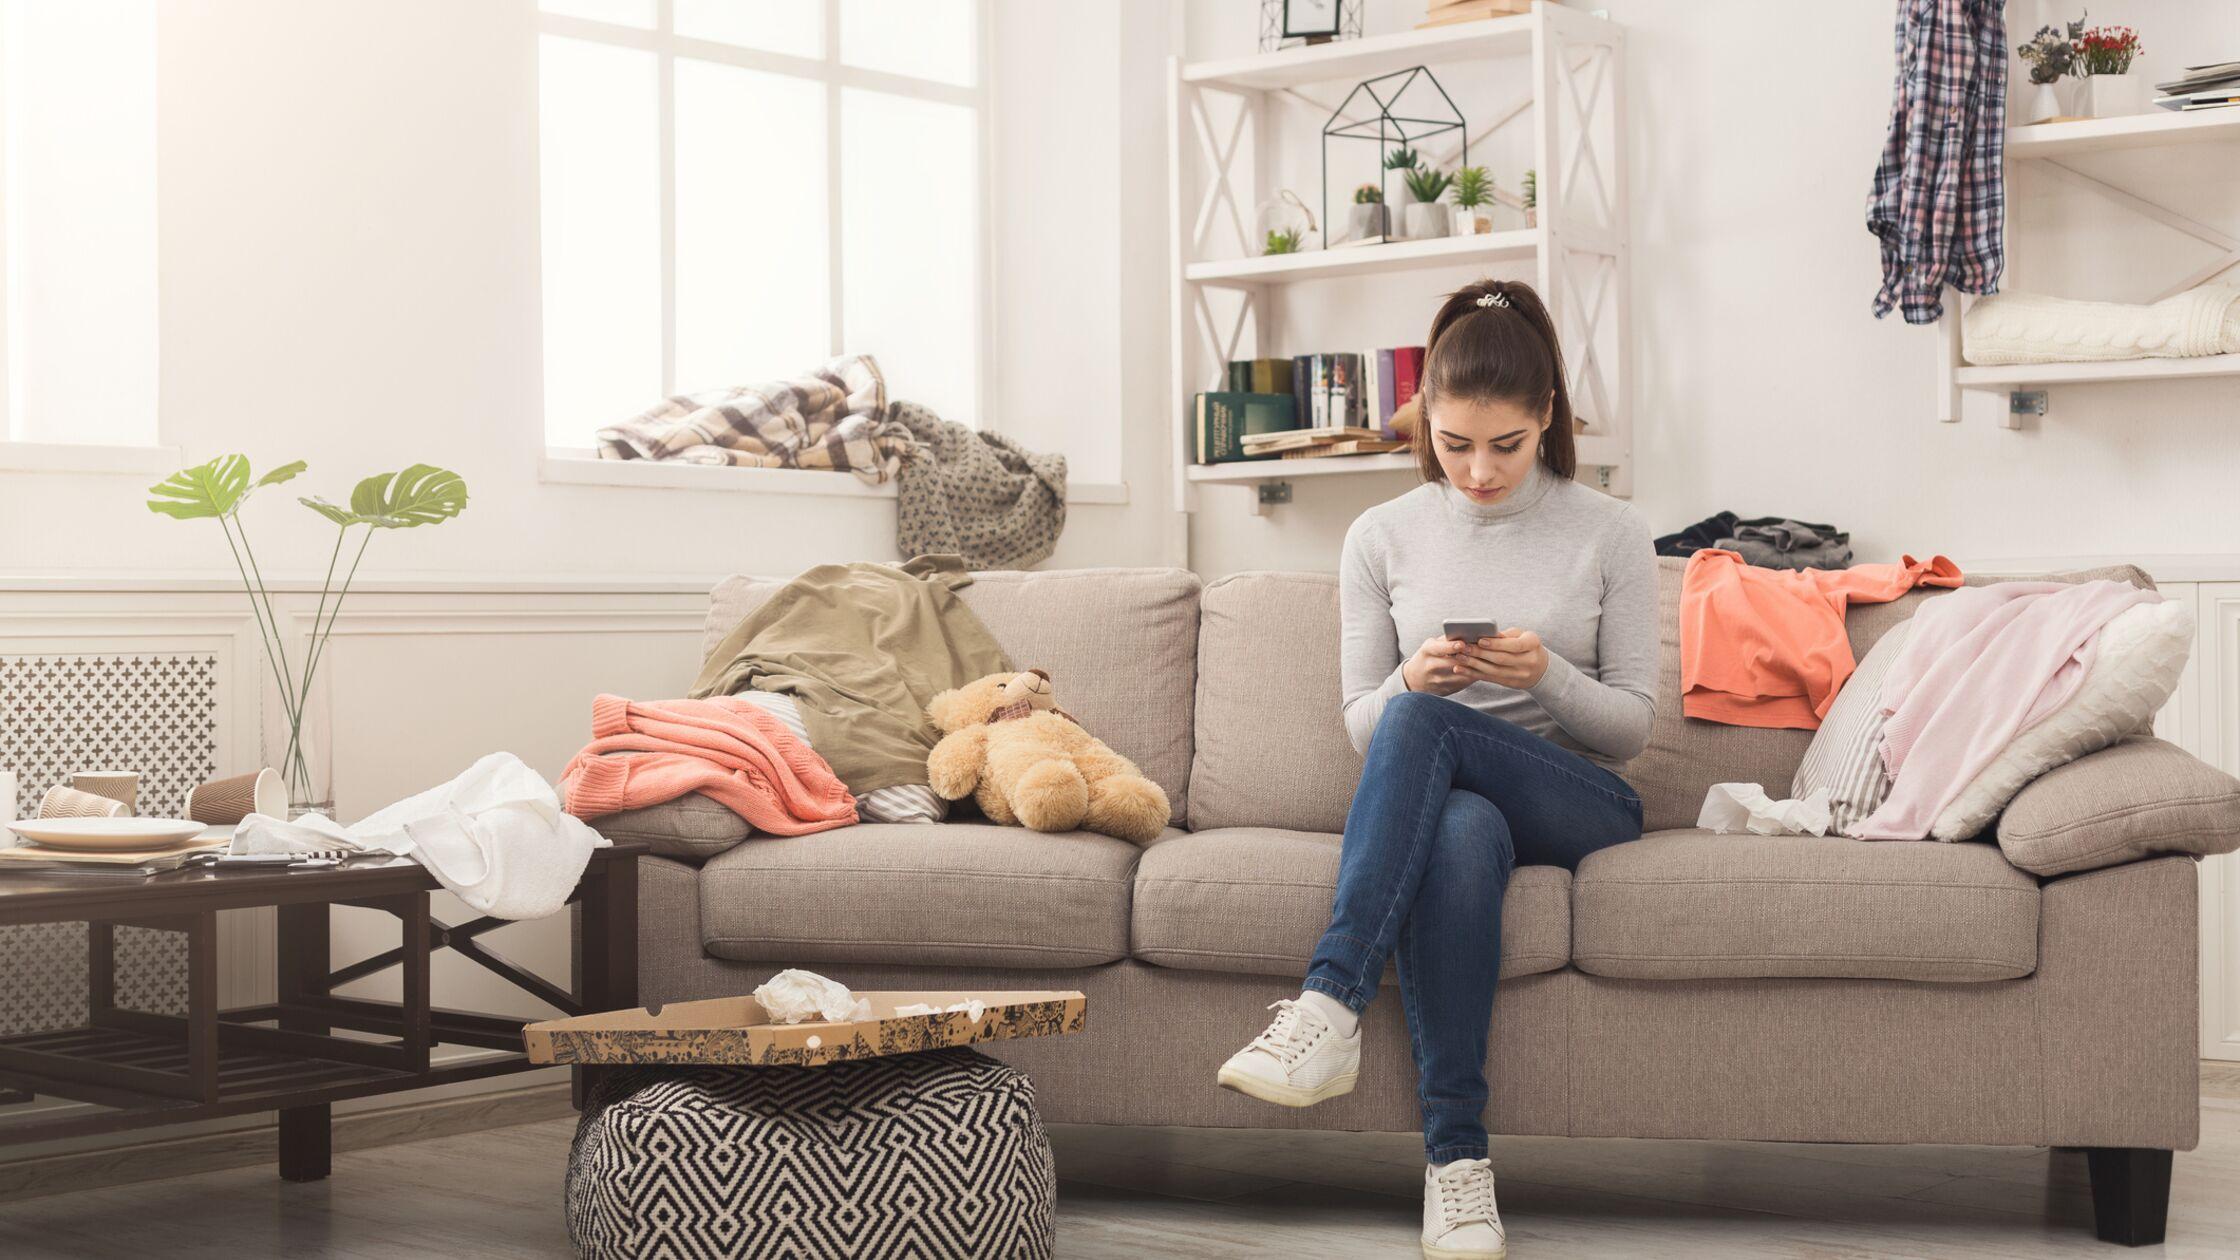 Junge Frau sitzt in chaotischem Wohnzimmer auf der Couch